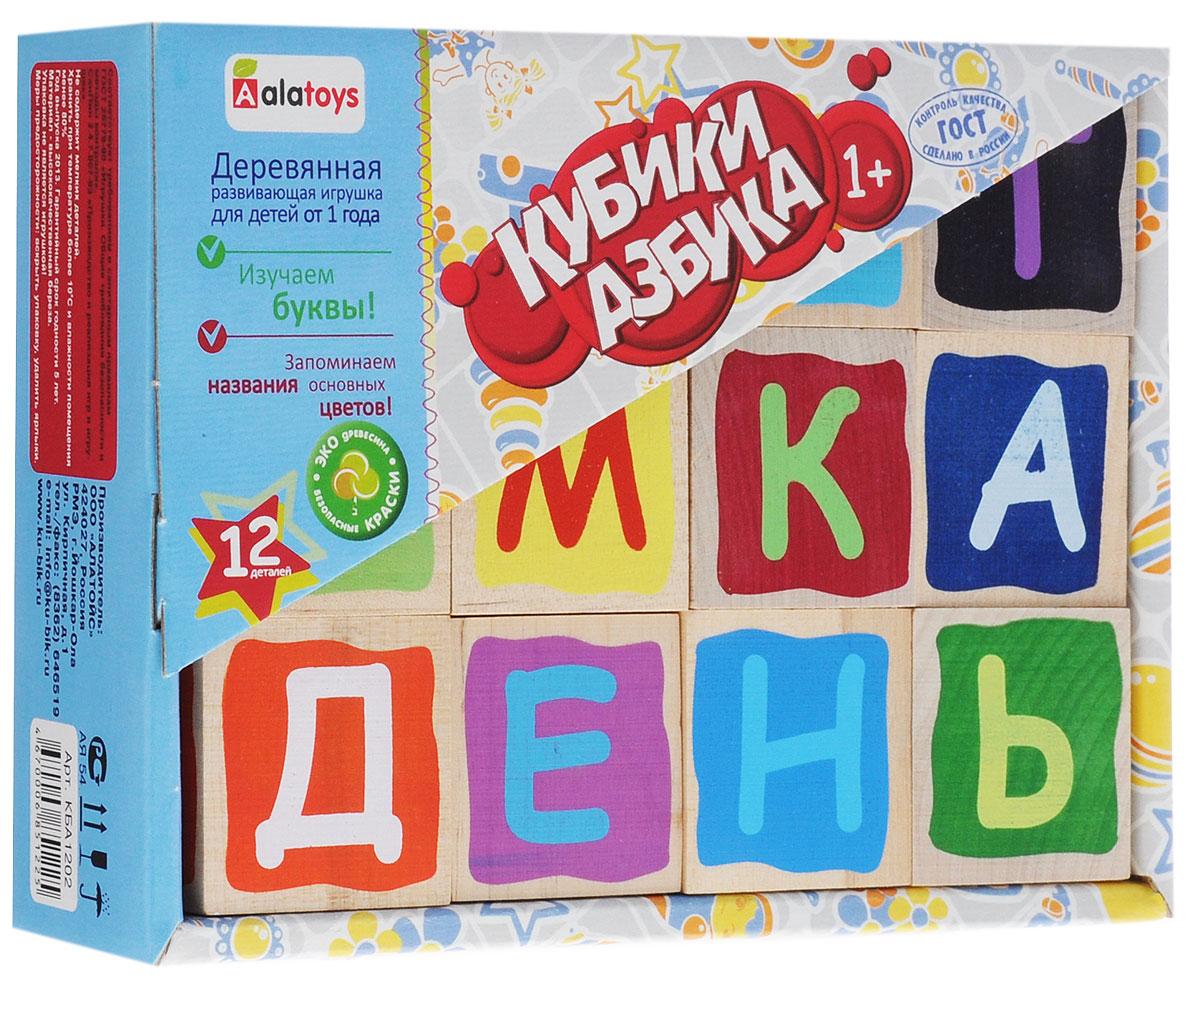 Alatoys Кубики Азбука окрашенные 12 шт КБА1202КБА1202Кубики Alatoys Азбука идеально подходят детям от 1 года, т.к. отвечают важнейшим требованиям, предъявляемым к детским игрушкам. Здоровье ребенка: Натуральный, качественный и экологически чистый материал, из которого сделаны кубики, абсолютно безвреден, что обеспечит безопасность здоровья вашего малыша во время игры с кубиками. У деревянных кубиков нет мелких частей, которые ребенок может отломить, поэтому они надежны и совершенно безопасны. Развитие ребенка: В процессе игры с кубиками у ребенка развиваются: Мелкая моторика рук; Наблюдательность; Творческое мышление; Речь; Воображение. Надежность игрушки: Кубики надежны и долговечны, ведь они сделаны из прочного материала, и поэтому будут радовать вашего малыша долгое время! Интерес: Ребенку будет интересно и увлекательно играть кубиками в силу их яркости и притягательности, а 12 деталей игрушки предоставят возможность: ...